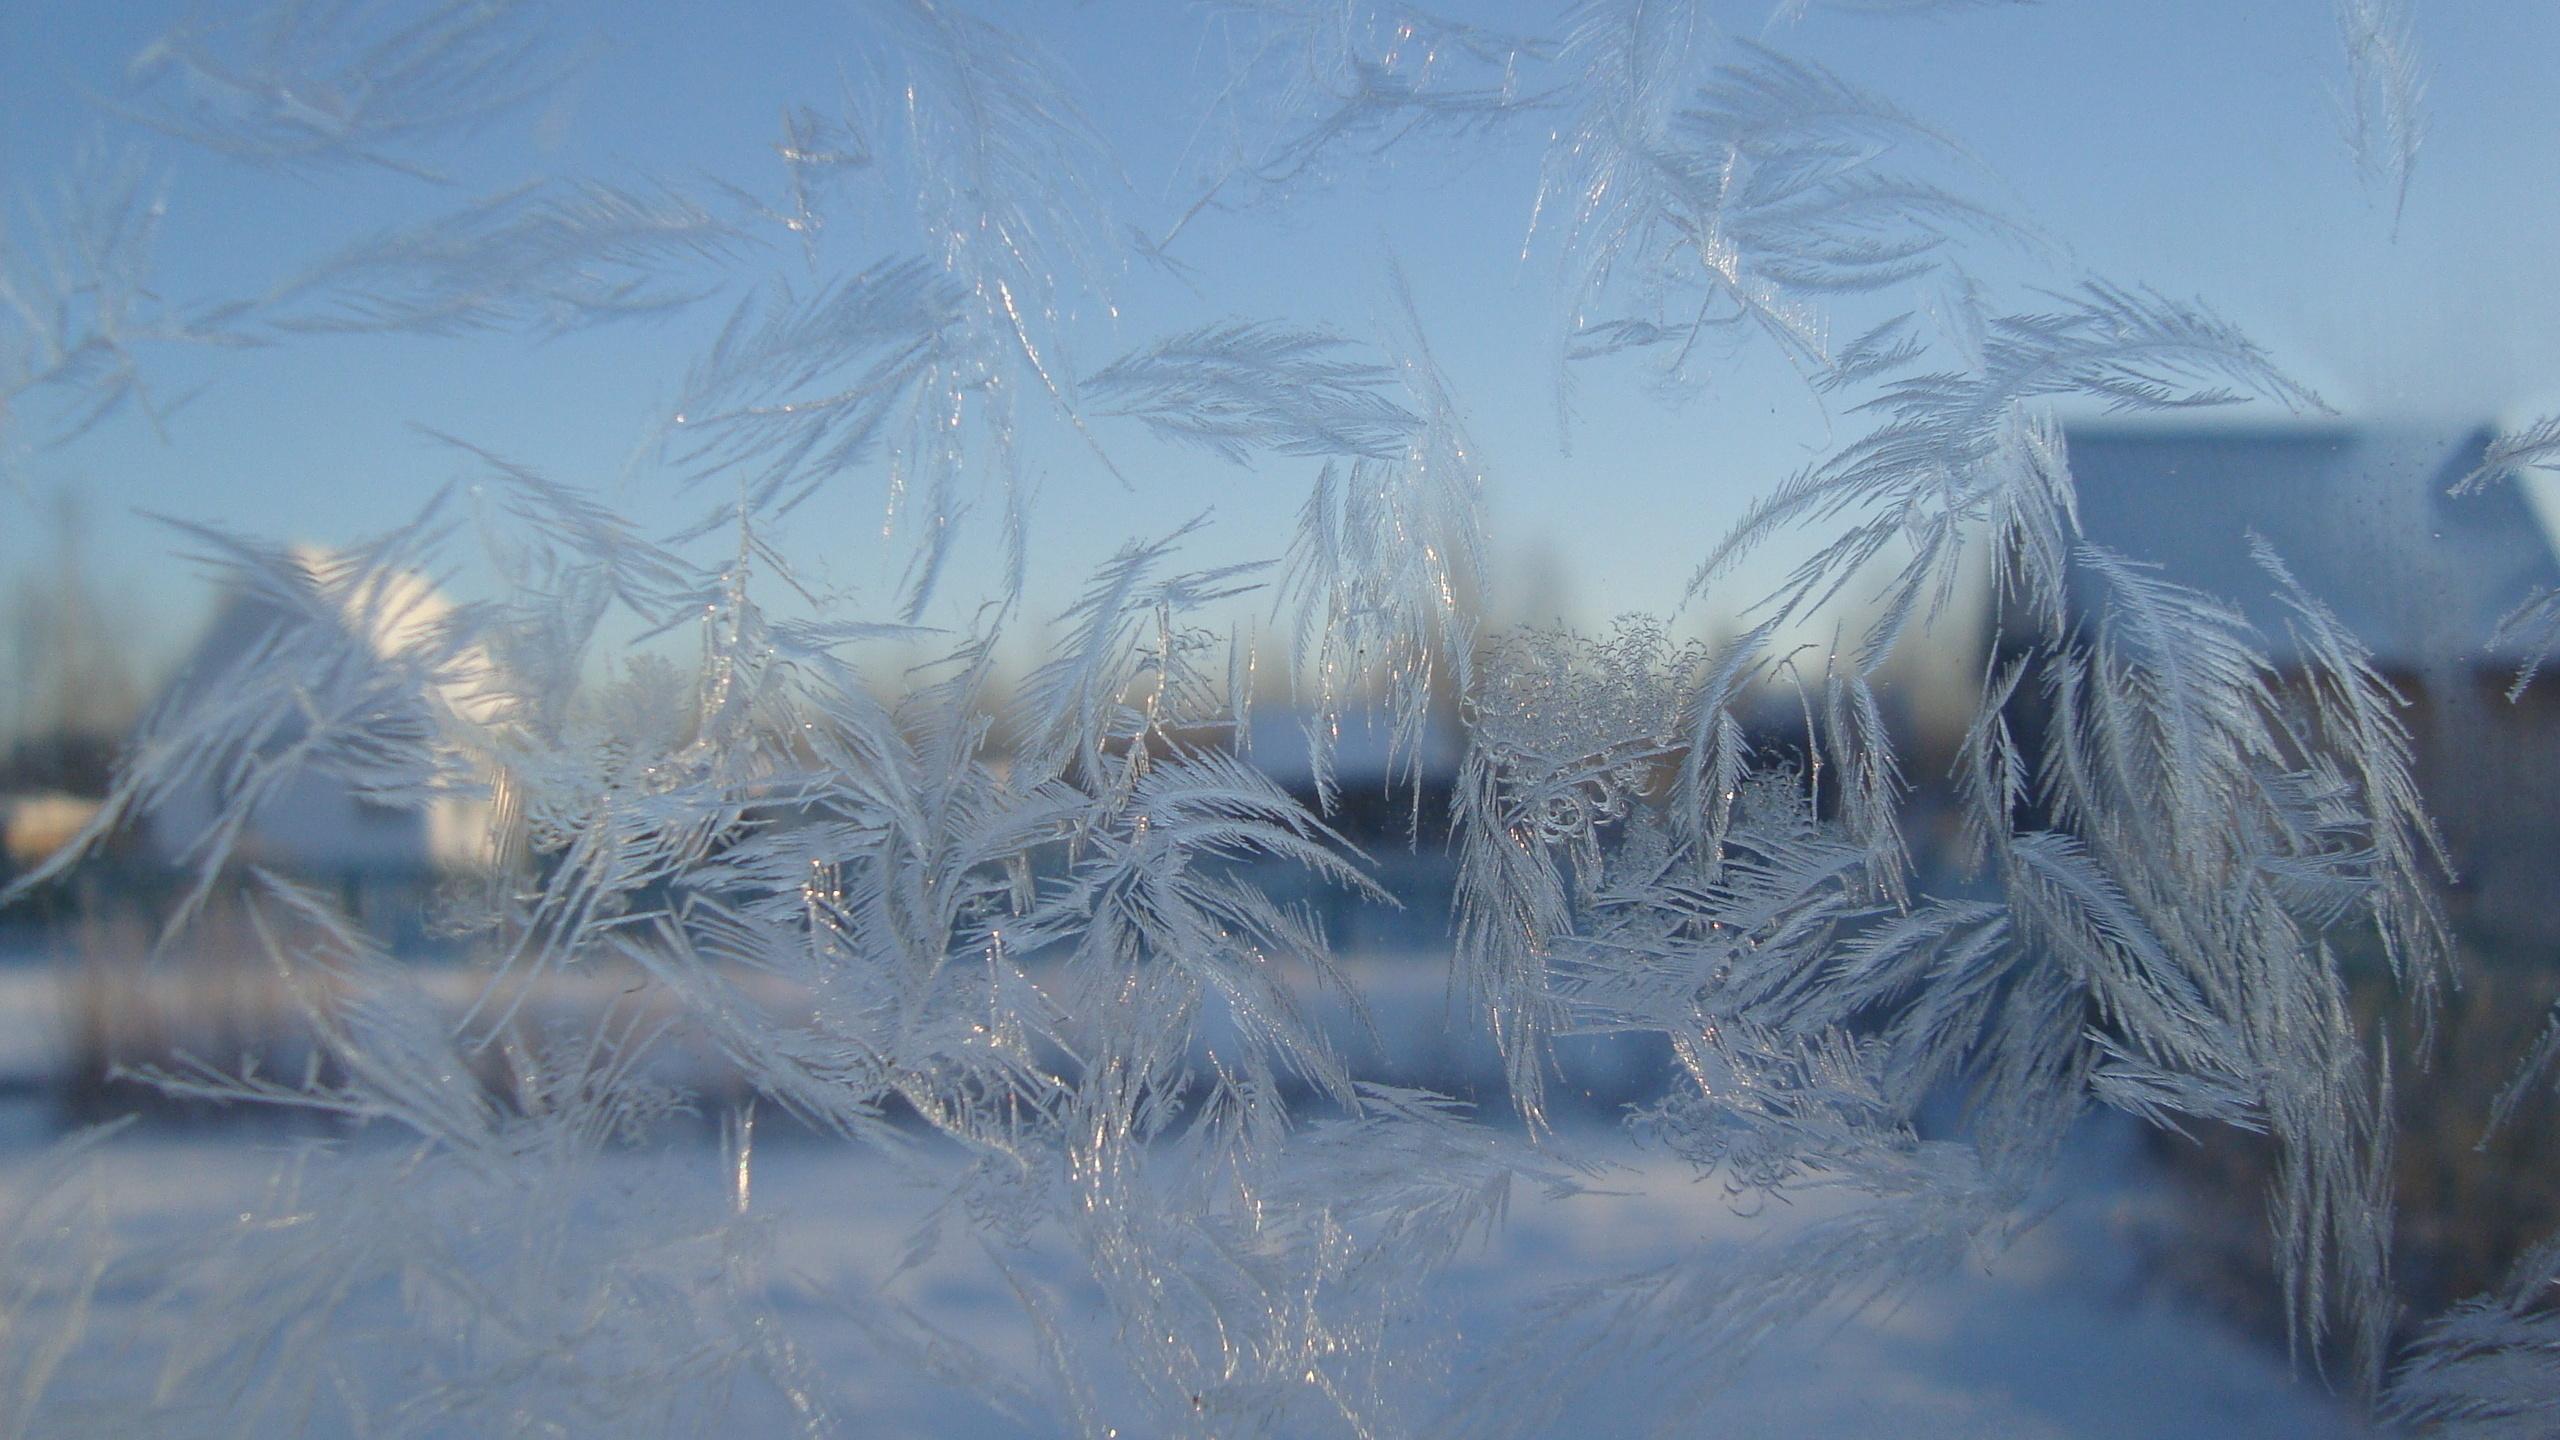 Картинки с морозом и зимой, картинки ленка днюхой